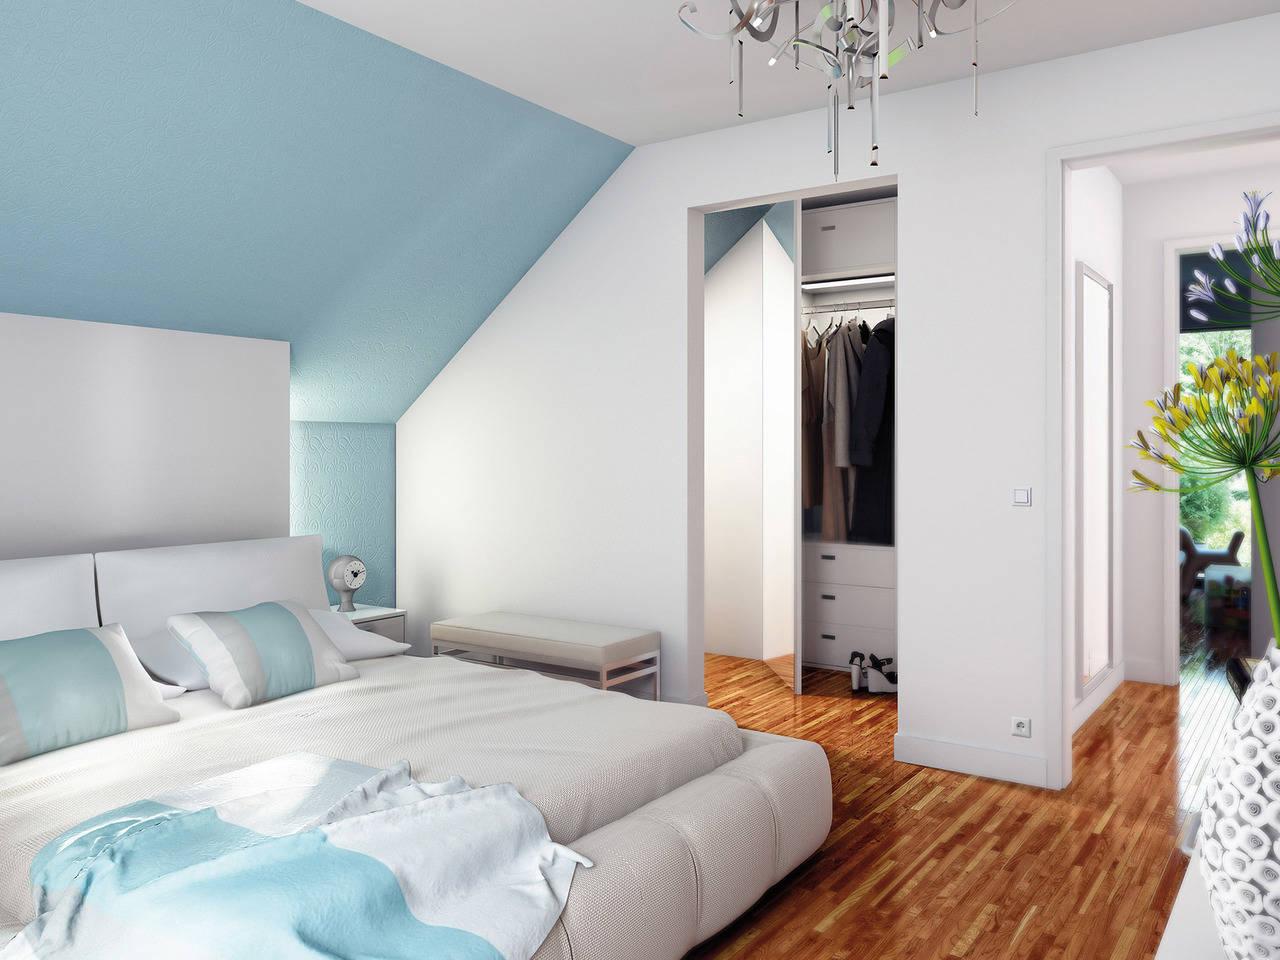 Haus SOLUTION 78 V7 Schlafzimmer von Living Haus